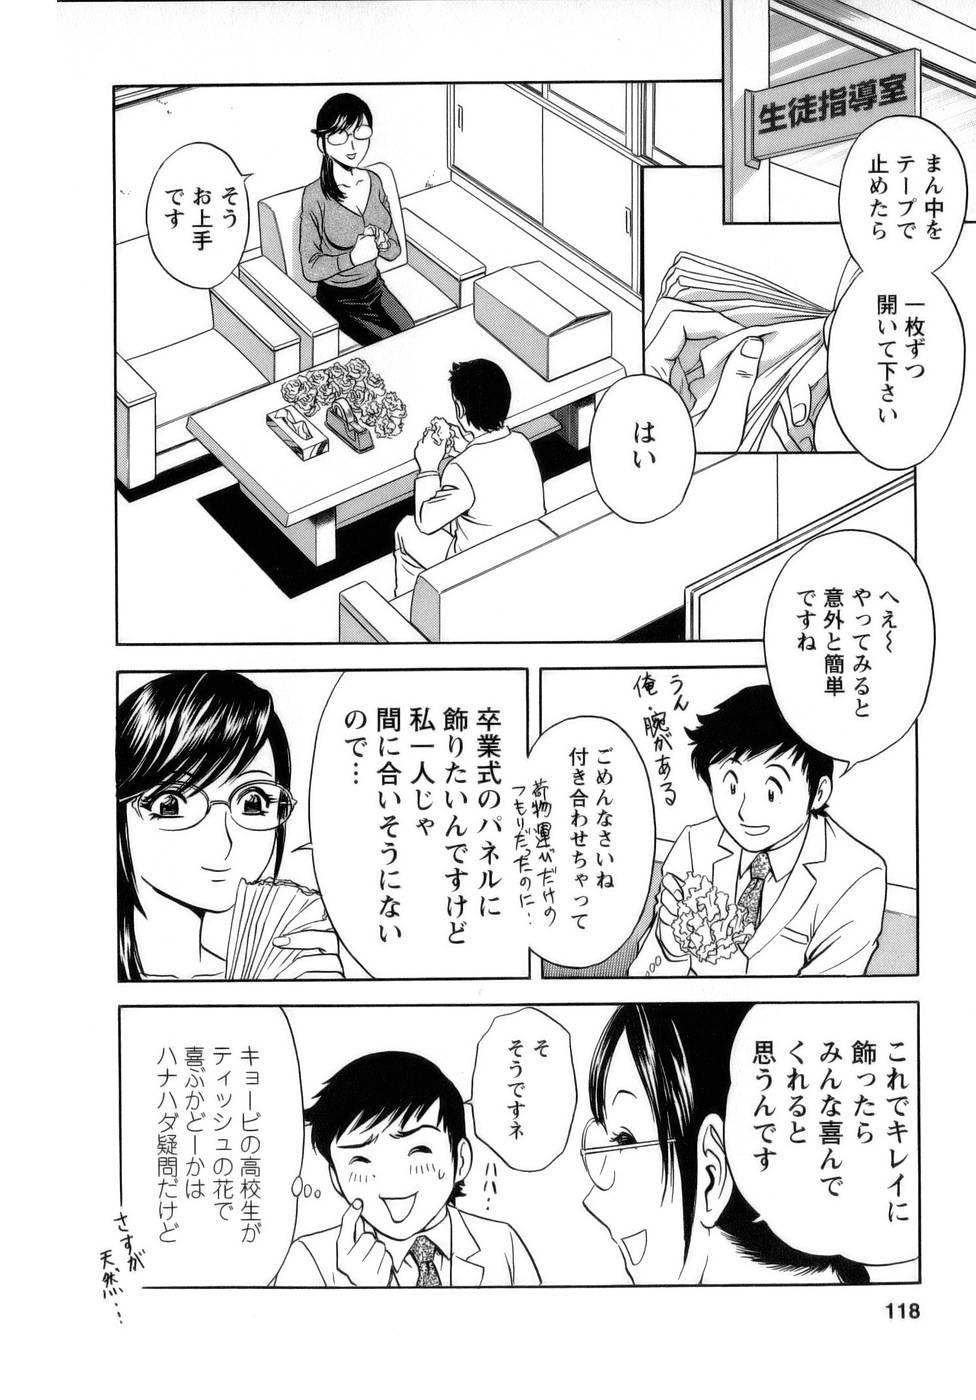 [Hidemaru] Mo-Retsu! Boin Sensei (Boing Boing Teacher) Vol.1 117